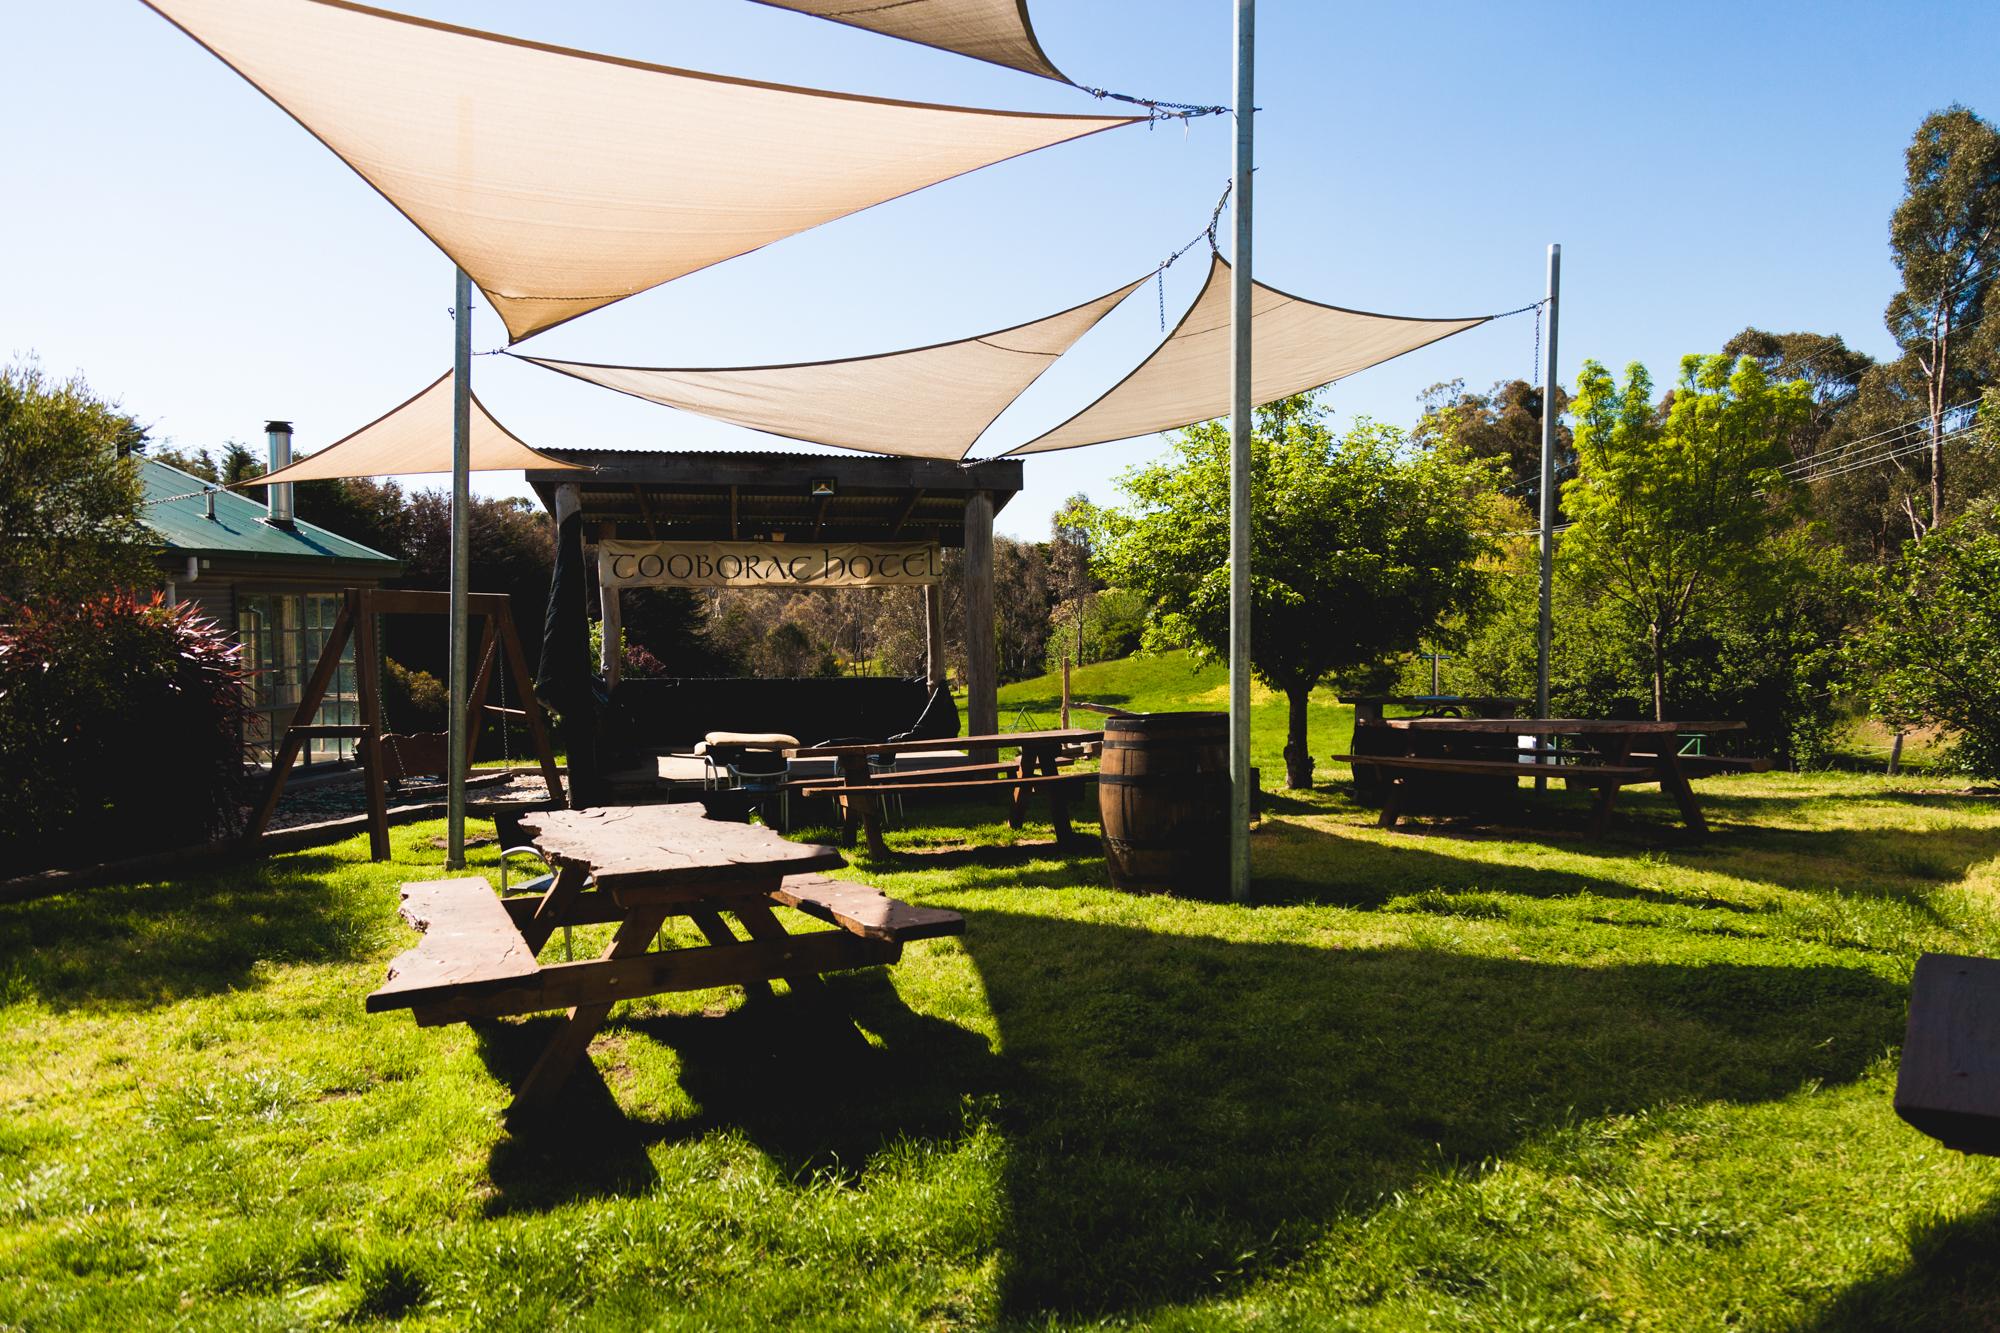 tooborac-beer-garden.jpg